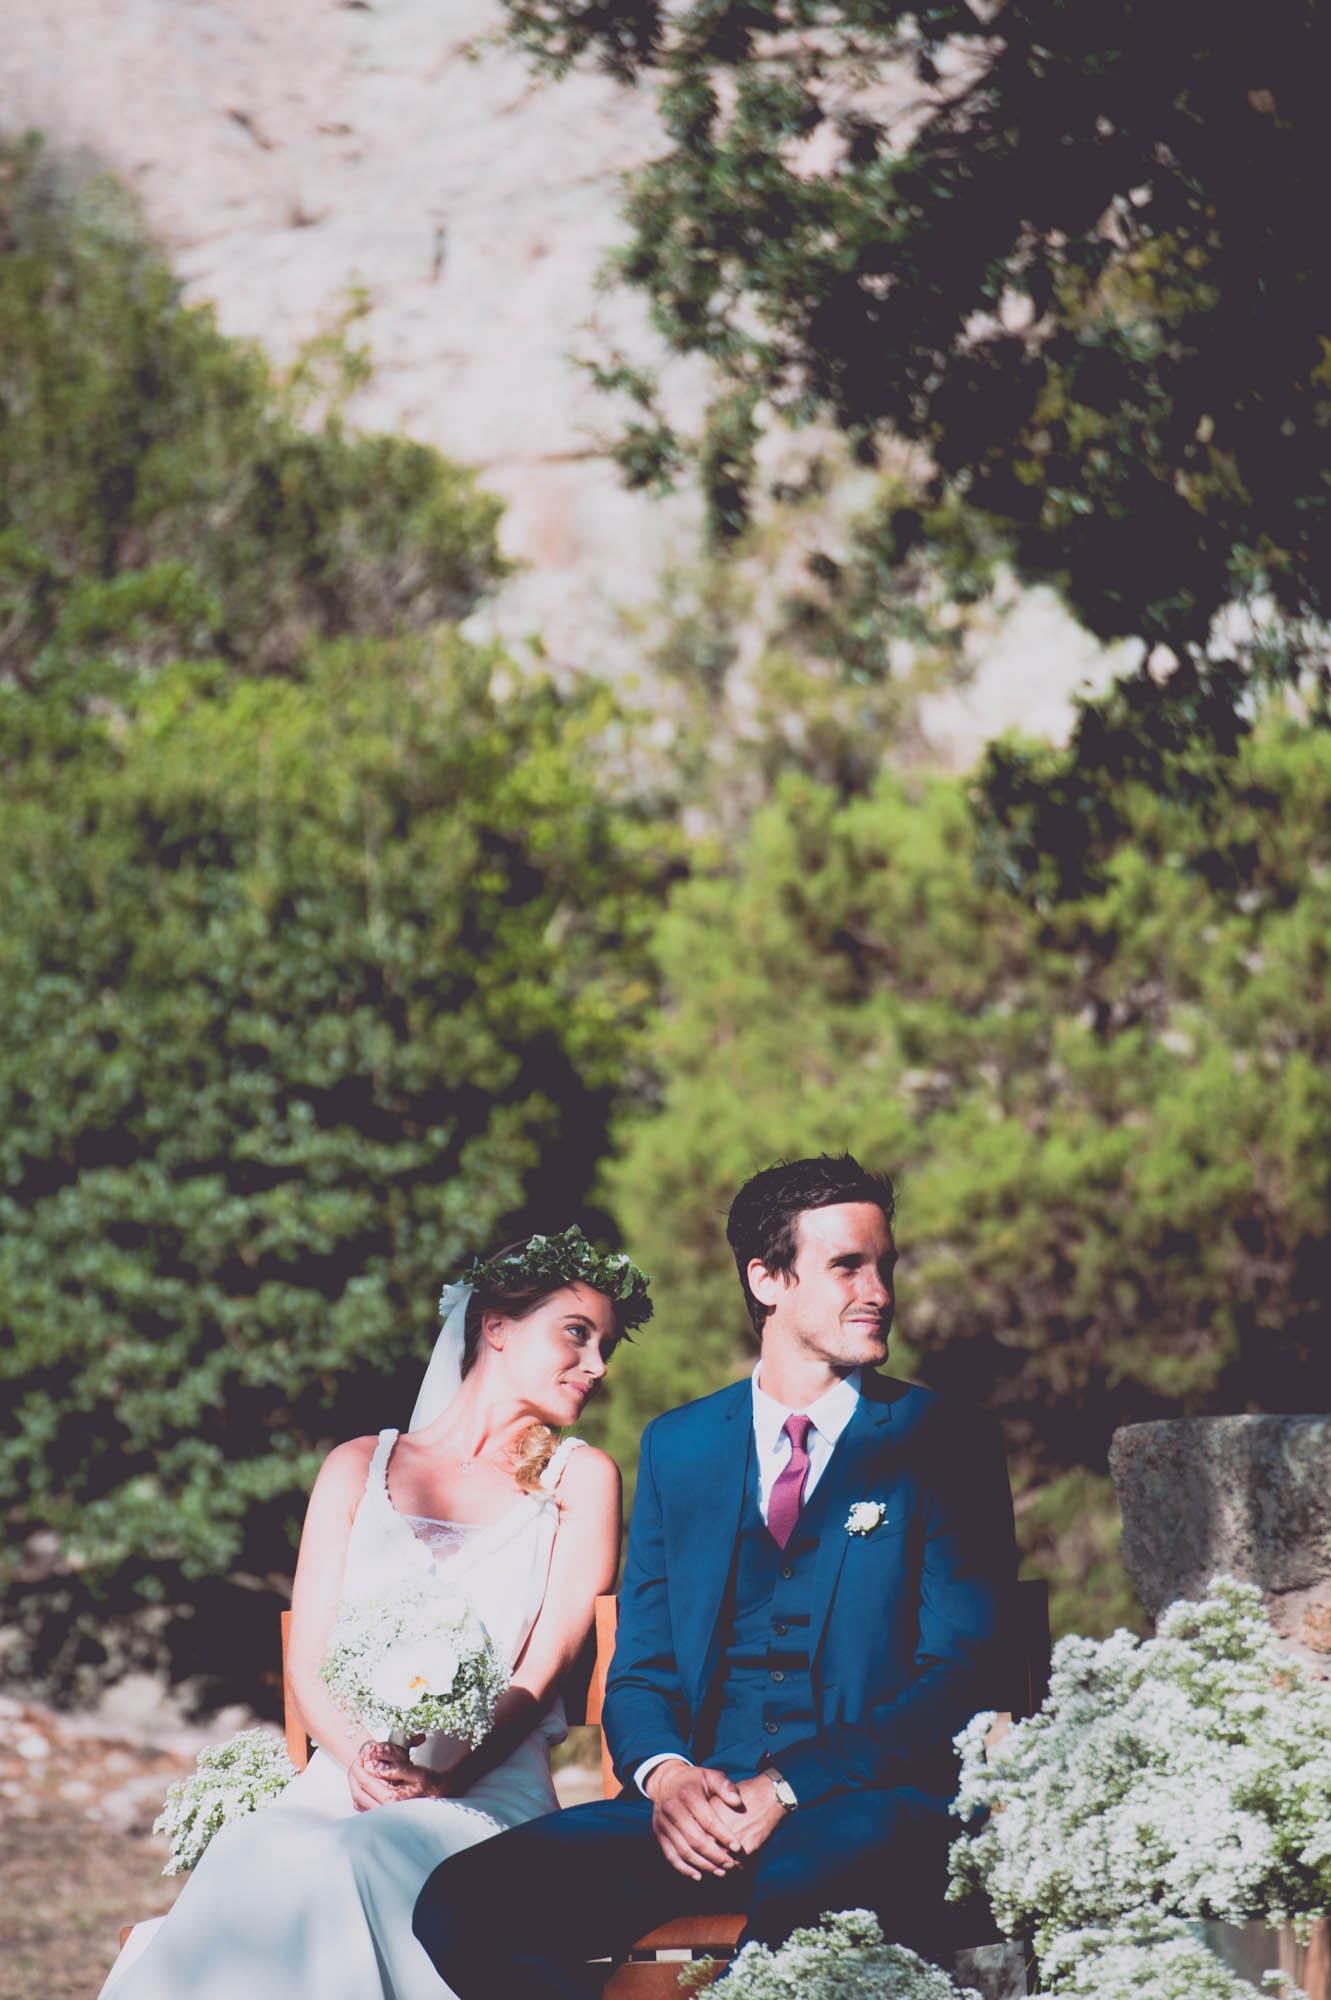 Photographe mariage bohème chic Corse Bonifacio - C et A (62)